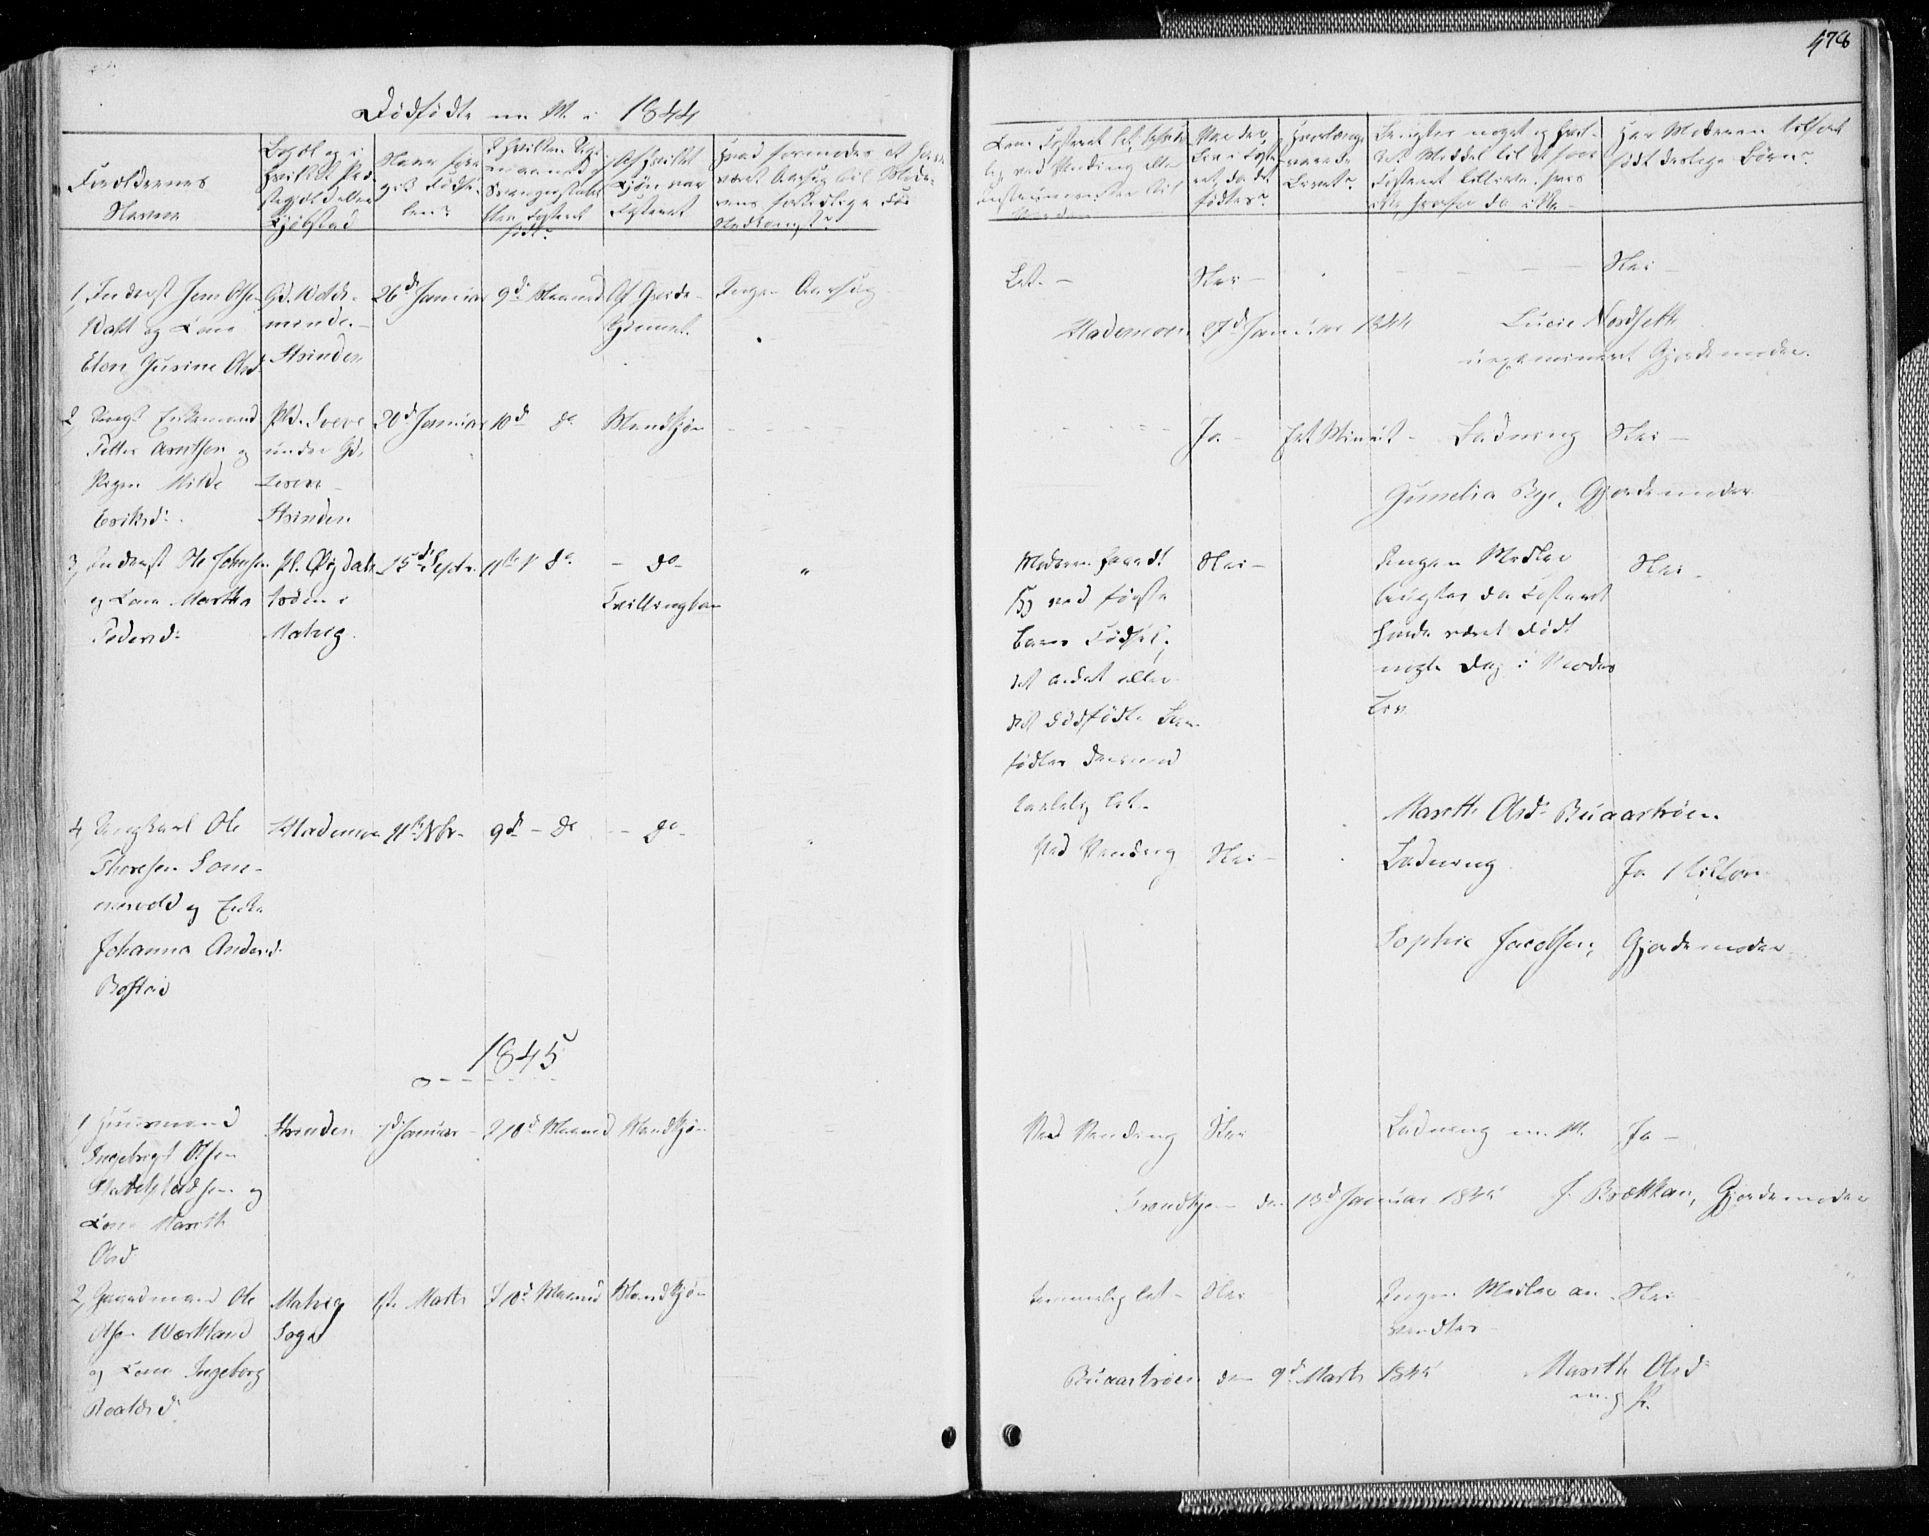 SAT, Ministerialprotokoller, klokkerbøker og fødselsregistre - Sør-Trøndelag, 606/L0290: Ministerialbok nr. 606A05, 1841-1847, s. 478